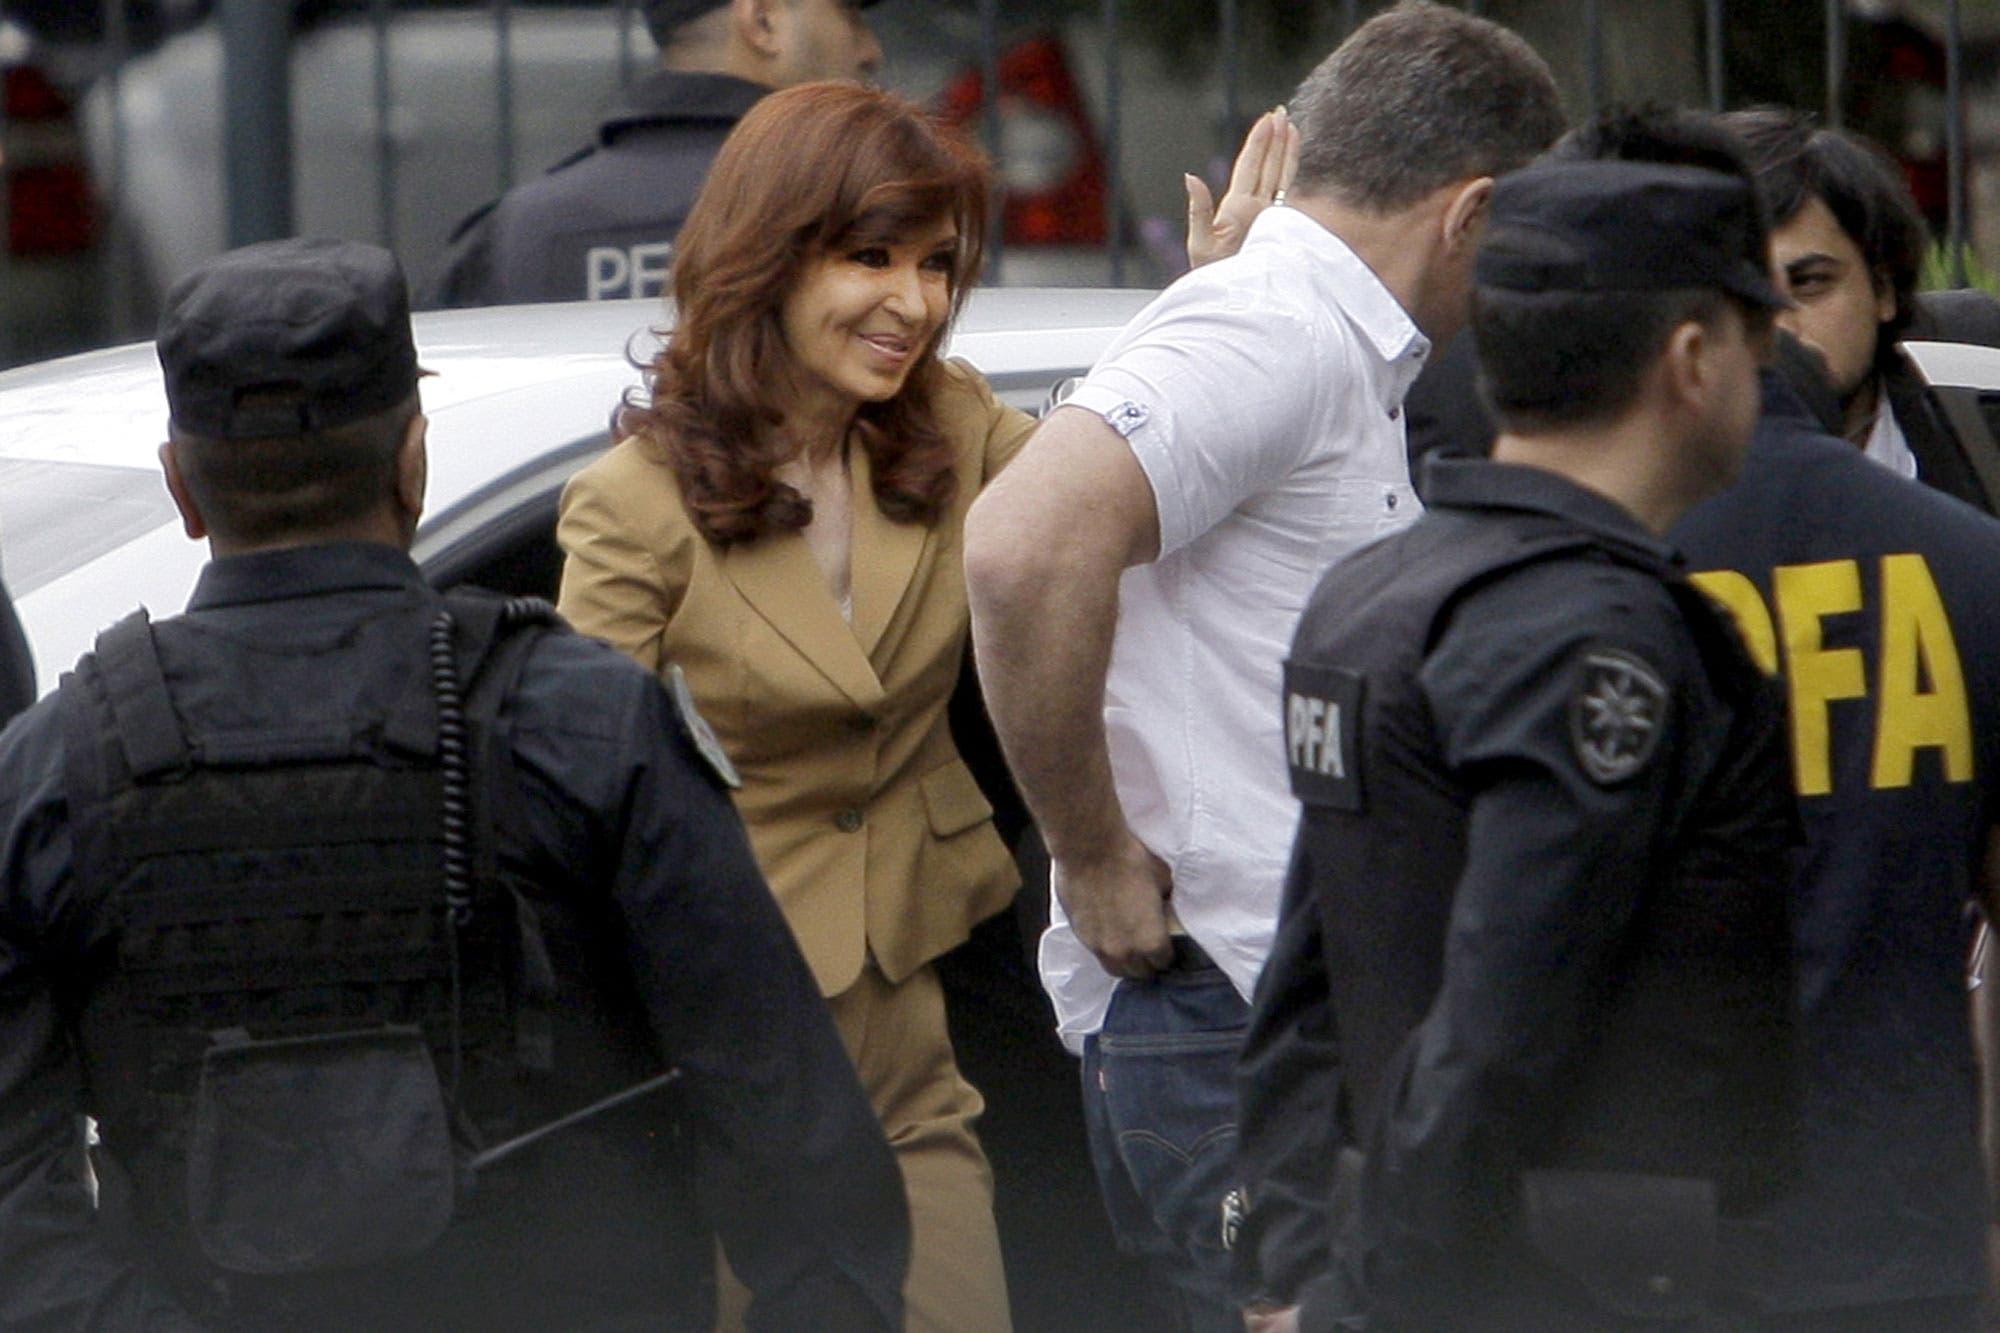 Cartelización: la trama de corrupción que lleva a Cristina Kirchner a juicio oral